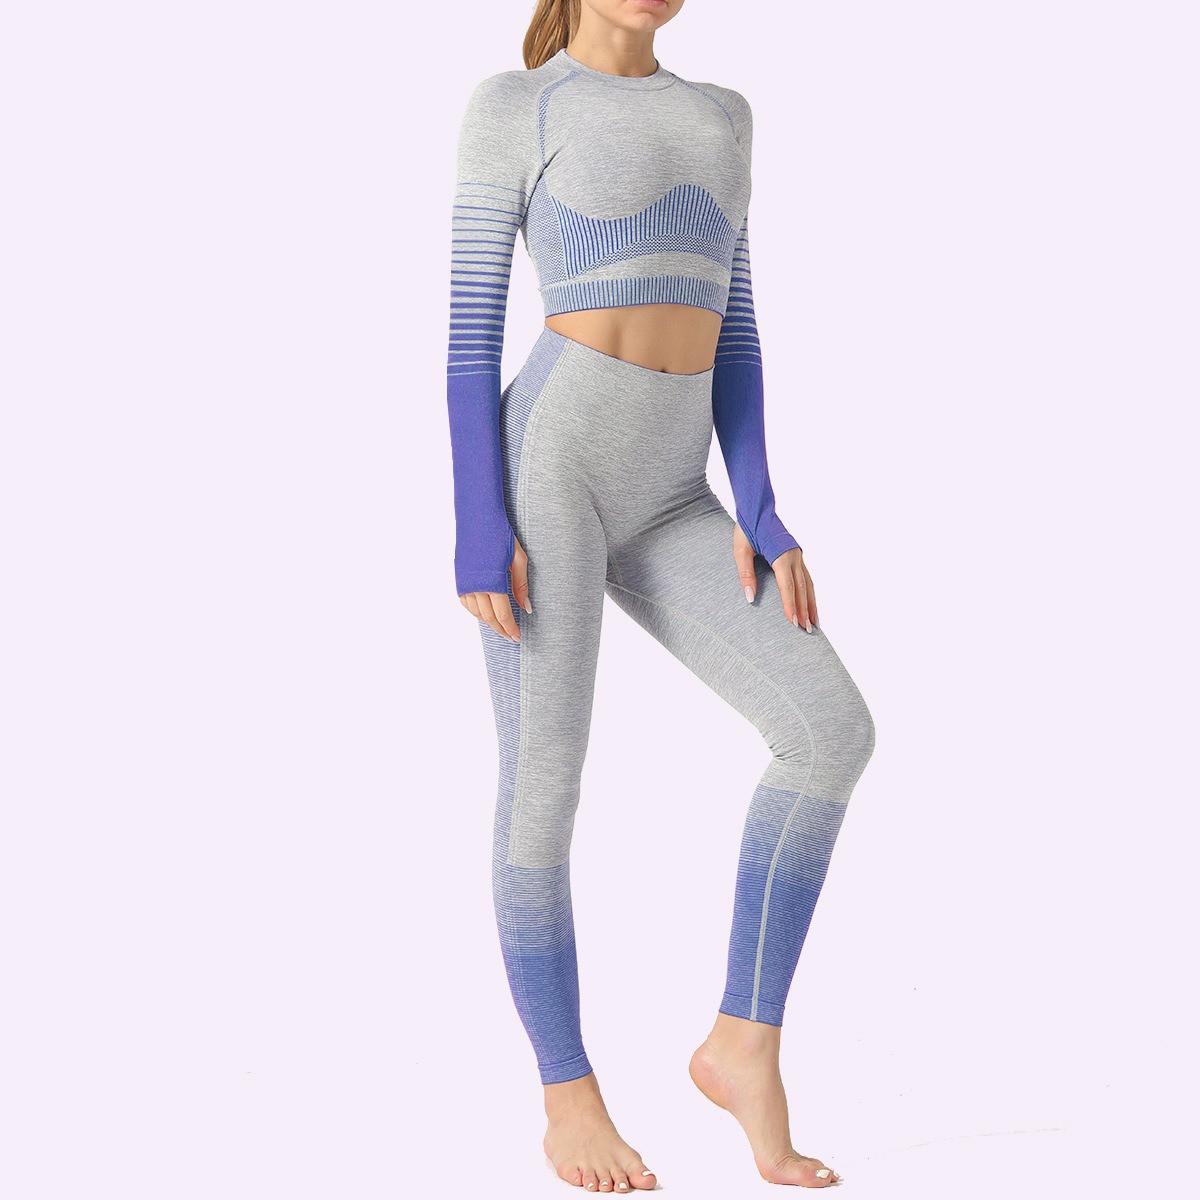 Спортивный женский костюм для фитнеса бега йоги. Спортивные лосины леггинсы рашгард для фитнеса Размер M серый